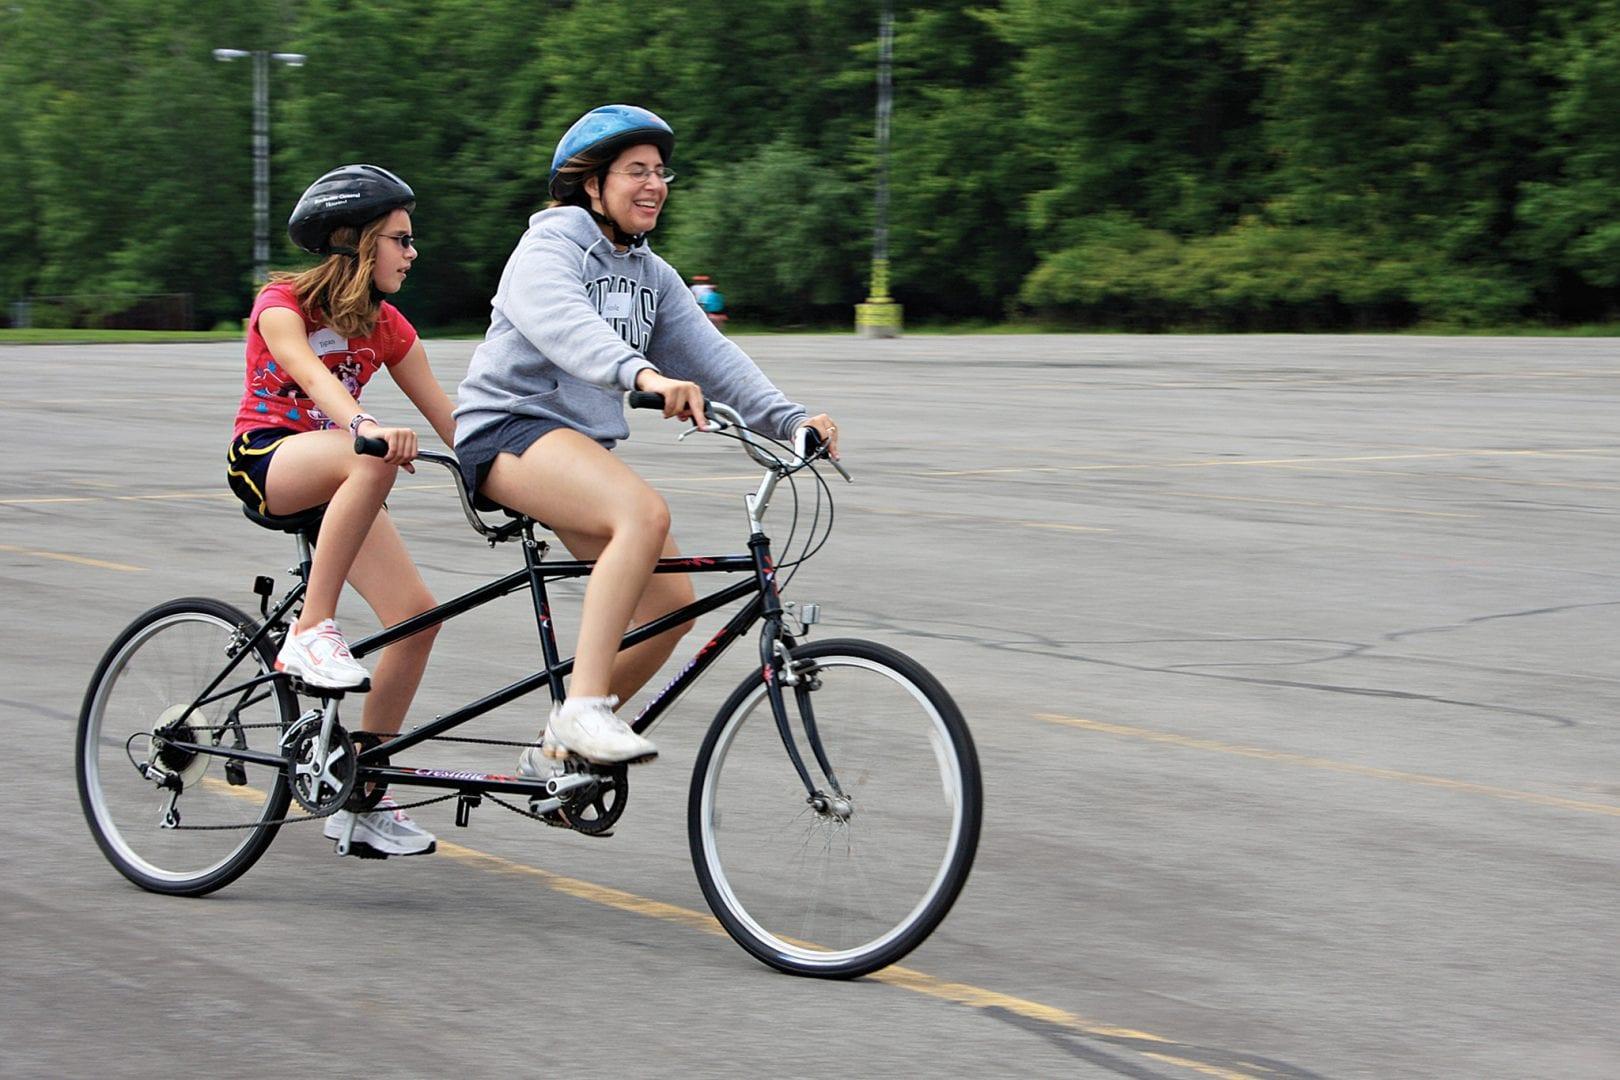 Two women riding a tandem bike